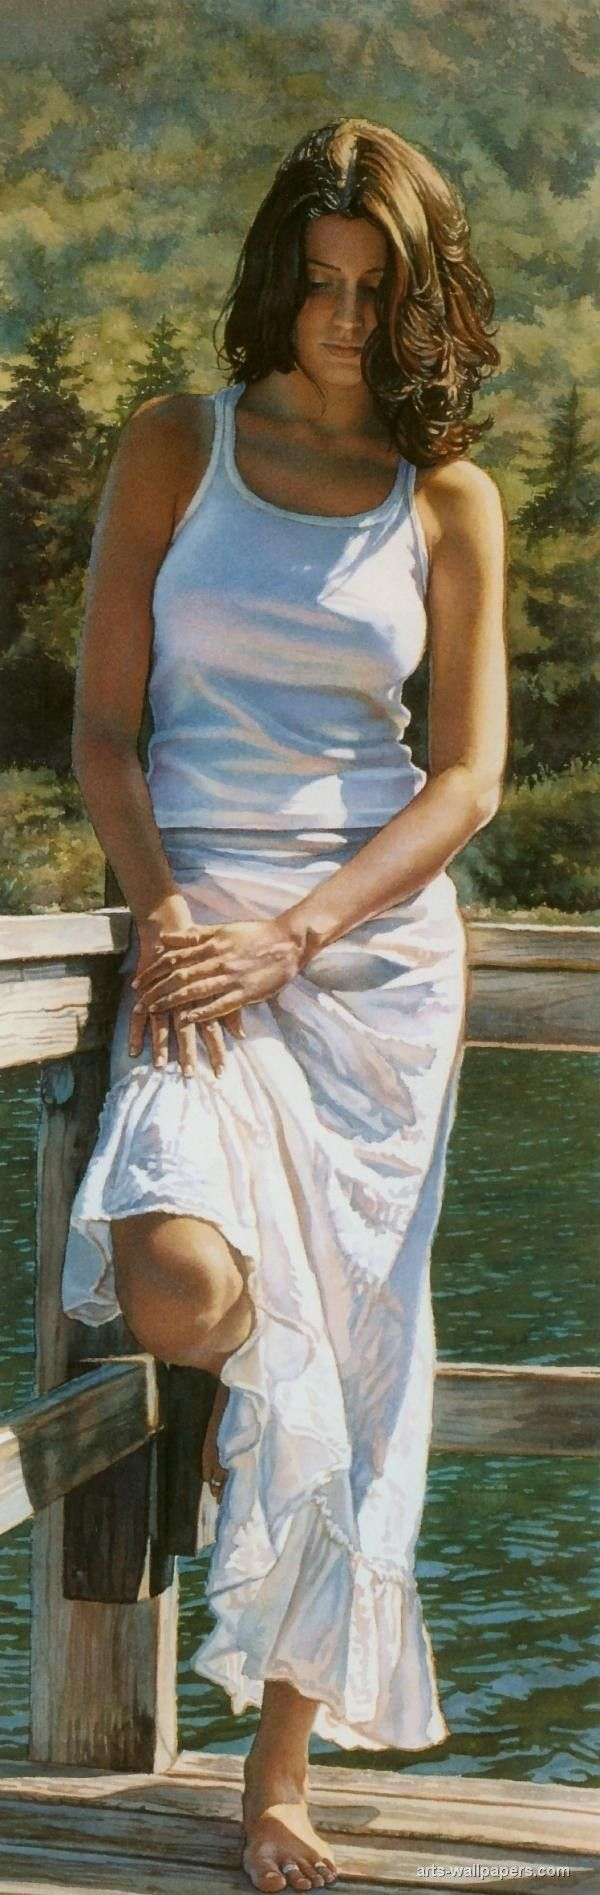 SSteve Hanks art de l'aquarelle. = Steve Hanks est d'abord et avant tout un peintre de la figure. Ses aquarelles sont infusées avec émotion et une sorte de poésie formé par la lumière et de l'ombre dans ses compositions